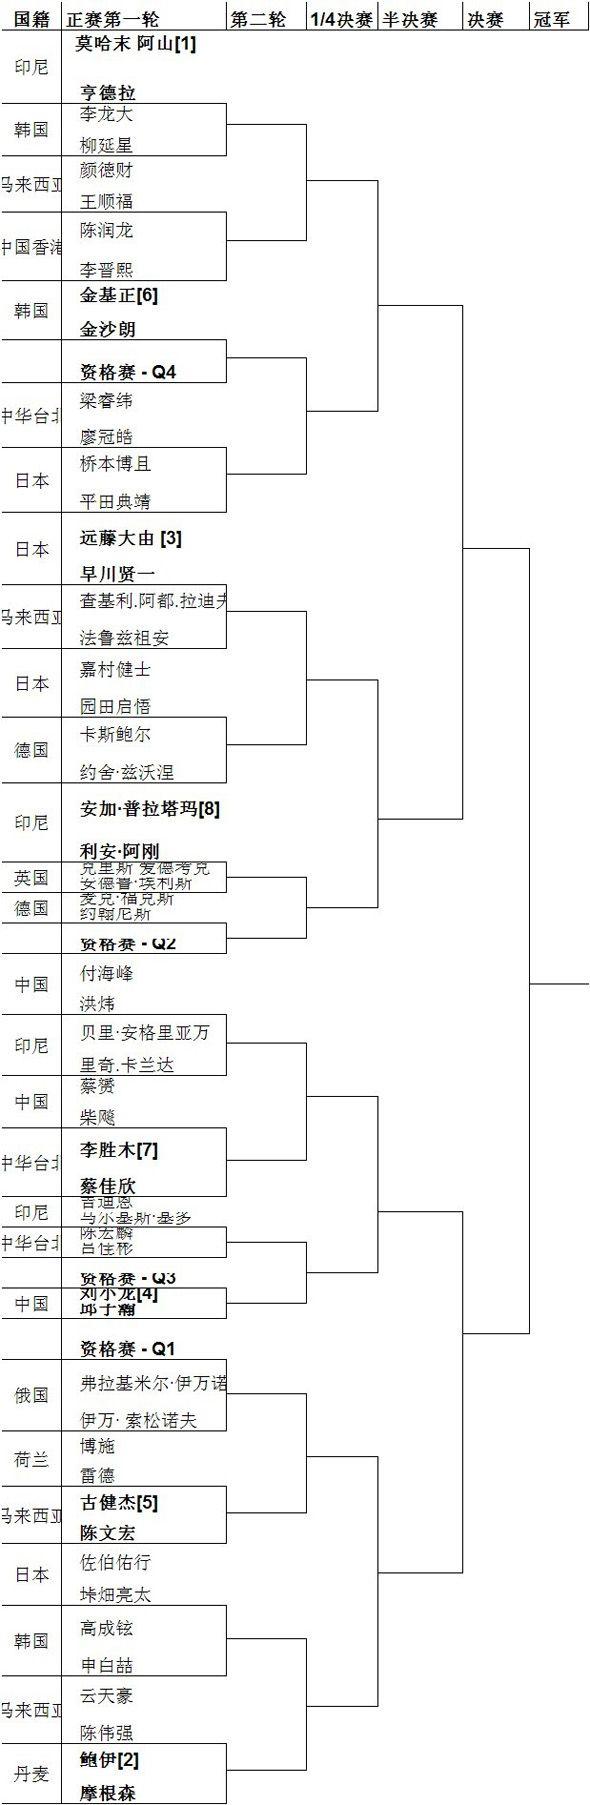 2011年VICTOR全国业余羽毛球双打混合团体邀请赛总决赛将于4月30-5月1日在苏州VICTOR运动中心举行。大赛从南京站(华东赛区)出发,途经西安站(西北赛区)、武汉站(华中赛区)、北京站(华北赛区)、沈阳站(东北赛区)、成都站(西南赛区)、广州站(华南赛区)七站。2011年11月底,全部七场分站赛告一段落,来自7个赛区14支冠亚军队伍浮出水面,这14支队伍同时也幸运地晋级本届业余赛总决赛。届时,来自全国东西南北中的各路业余精英将通过总决赛一决高低。 强强联手,专业打造业余赛 经过一段时间的筹划,2